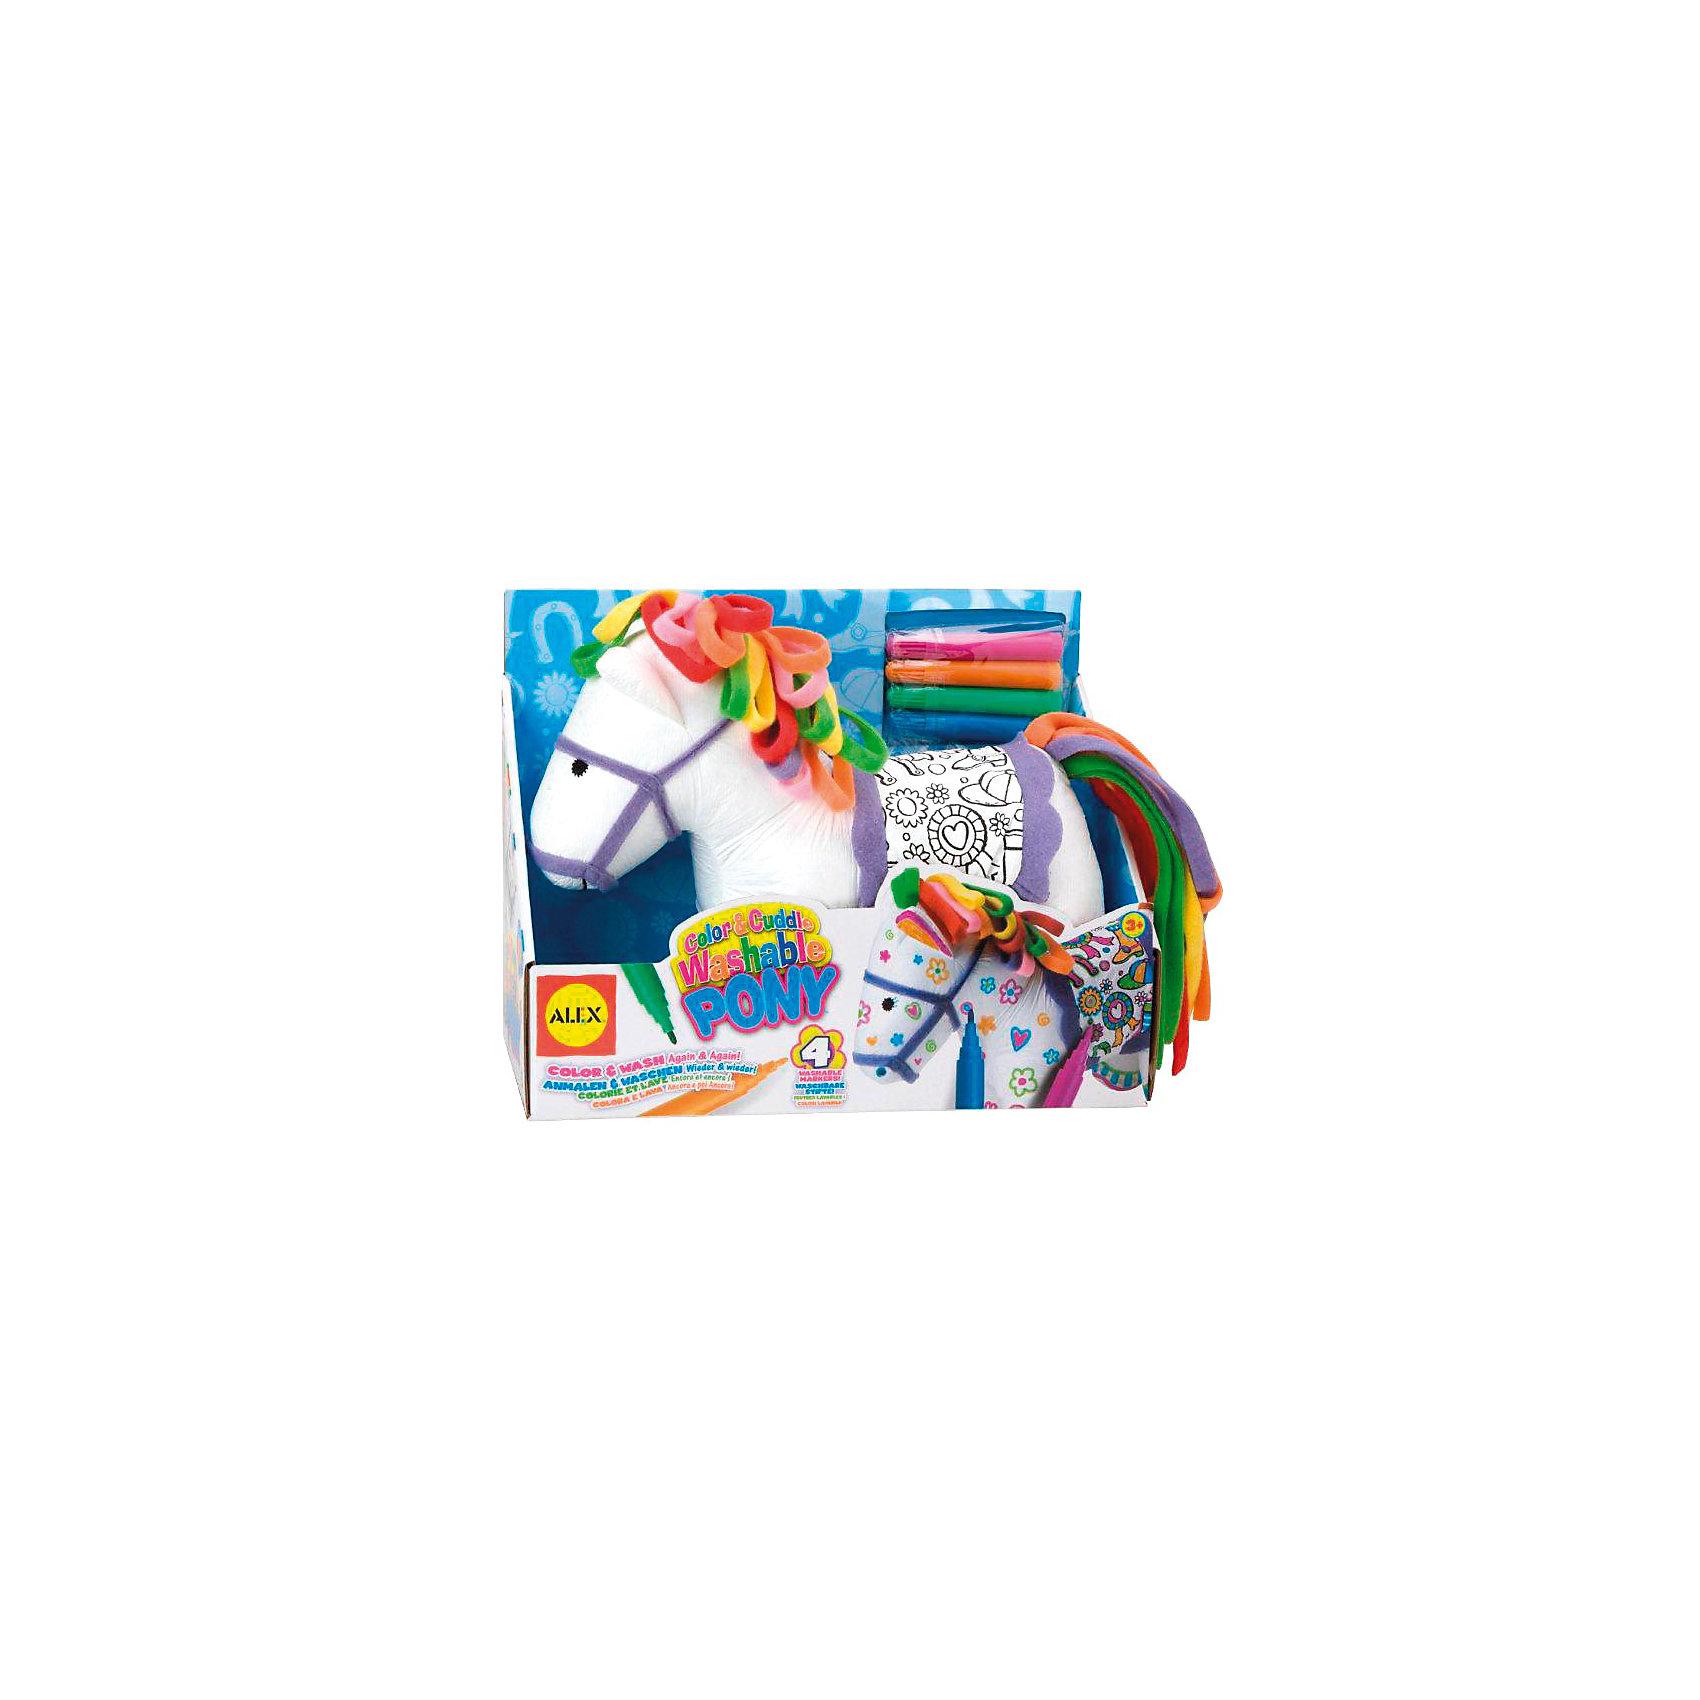 Набор для творчества Раскрась пони , ALEXНабор для творчества Раскрась пони со специальными фломастерами для ткани от ALEX. <br><br>Набор идеально подходит для детей, которым нравится рисовать не только на бумаге. <br>Этот забавный пони с разноцветной гривой хочет преобразиться! Ваш ребёнок сможет раскрасить в разные цвета седло с цветочным узором или даже нарисовать узоры на самом пони! <br>А если узор не получится или захочется нарисовать что-то новое, пони можно будет постирать и он снова будет готов к новым цветным приключениям.<br><br>Дополнительная информация:<br><br>В наборе: <br>мягконабивная игрушка, <br>фломастеры (4 цвета) для ткани. <br>Можно стирать в машинке. <br>Размер упаковки (д/ш/в): 38 х 30 х 30 см.<br><br>Легко купить в нашем интернет-магазине!<br><br>Ширина мм: 340<br>Глубина мм: 256<br>Высота мм: 126<br>Вес г: 401<br>Возраст от месяцев: 36<br>Возраст до месяцев: 96<br>Пол: Унисекс<br>Возраст: Детский<br>SKU: 2148518